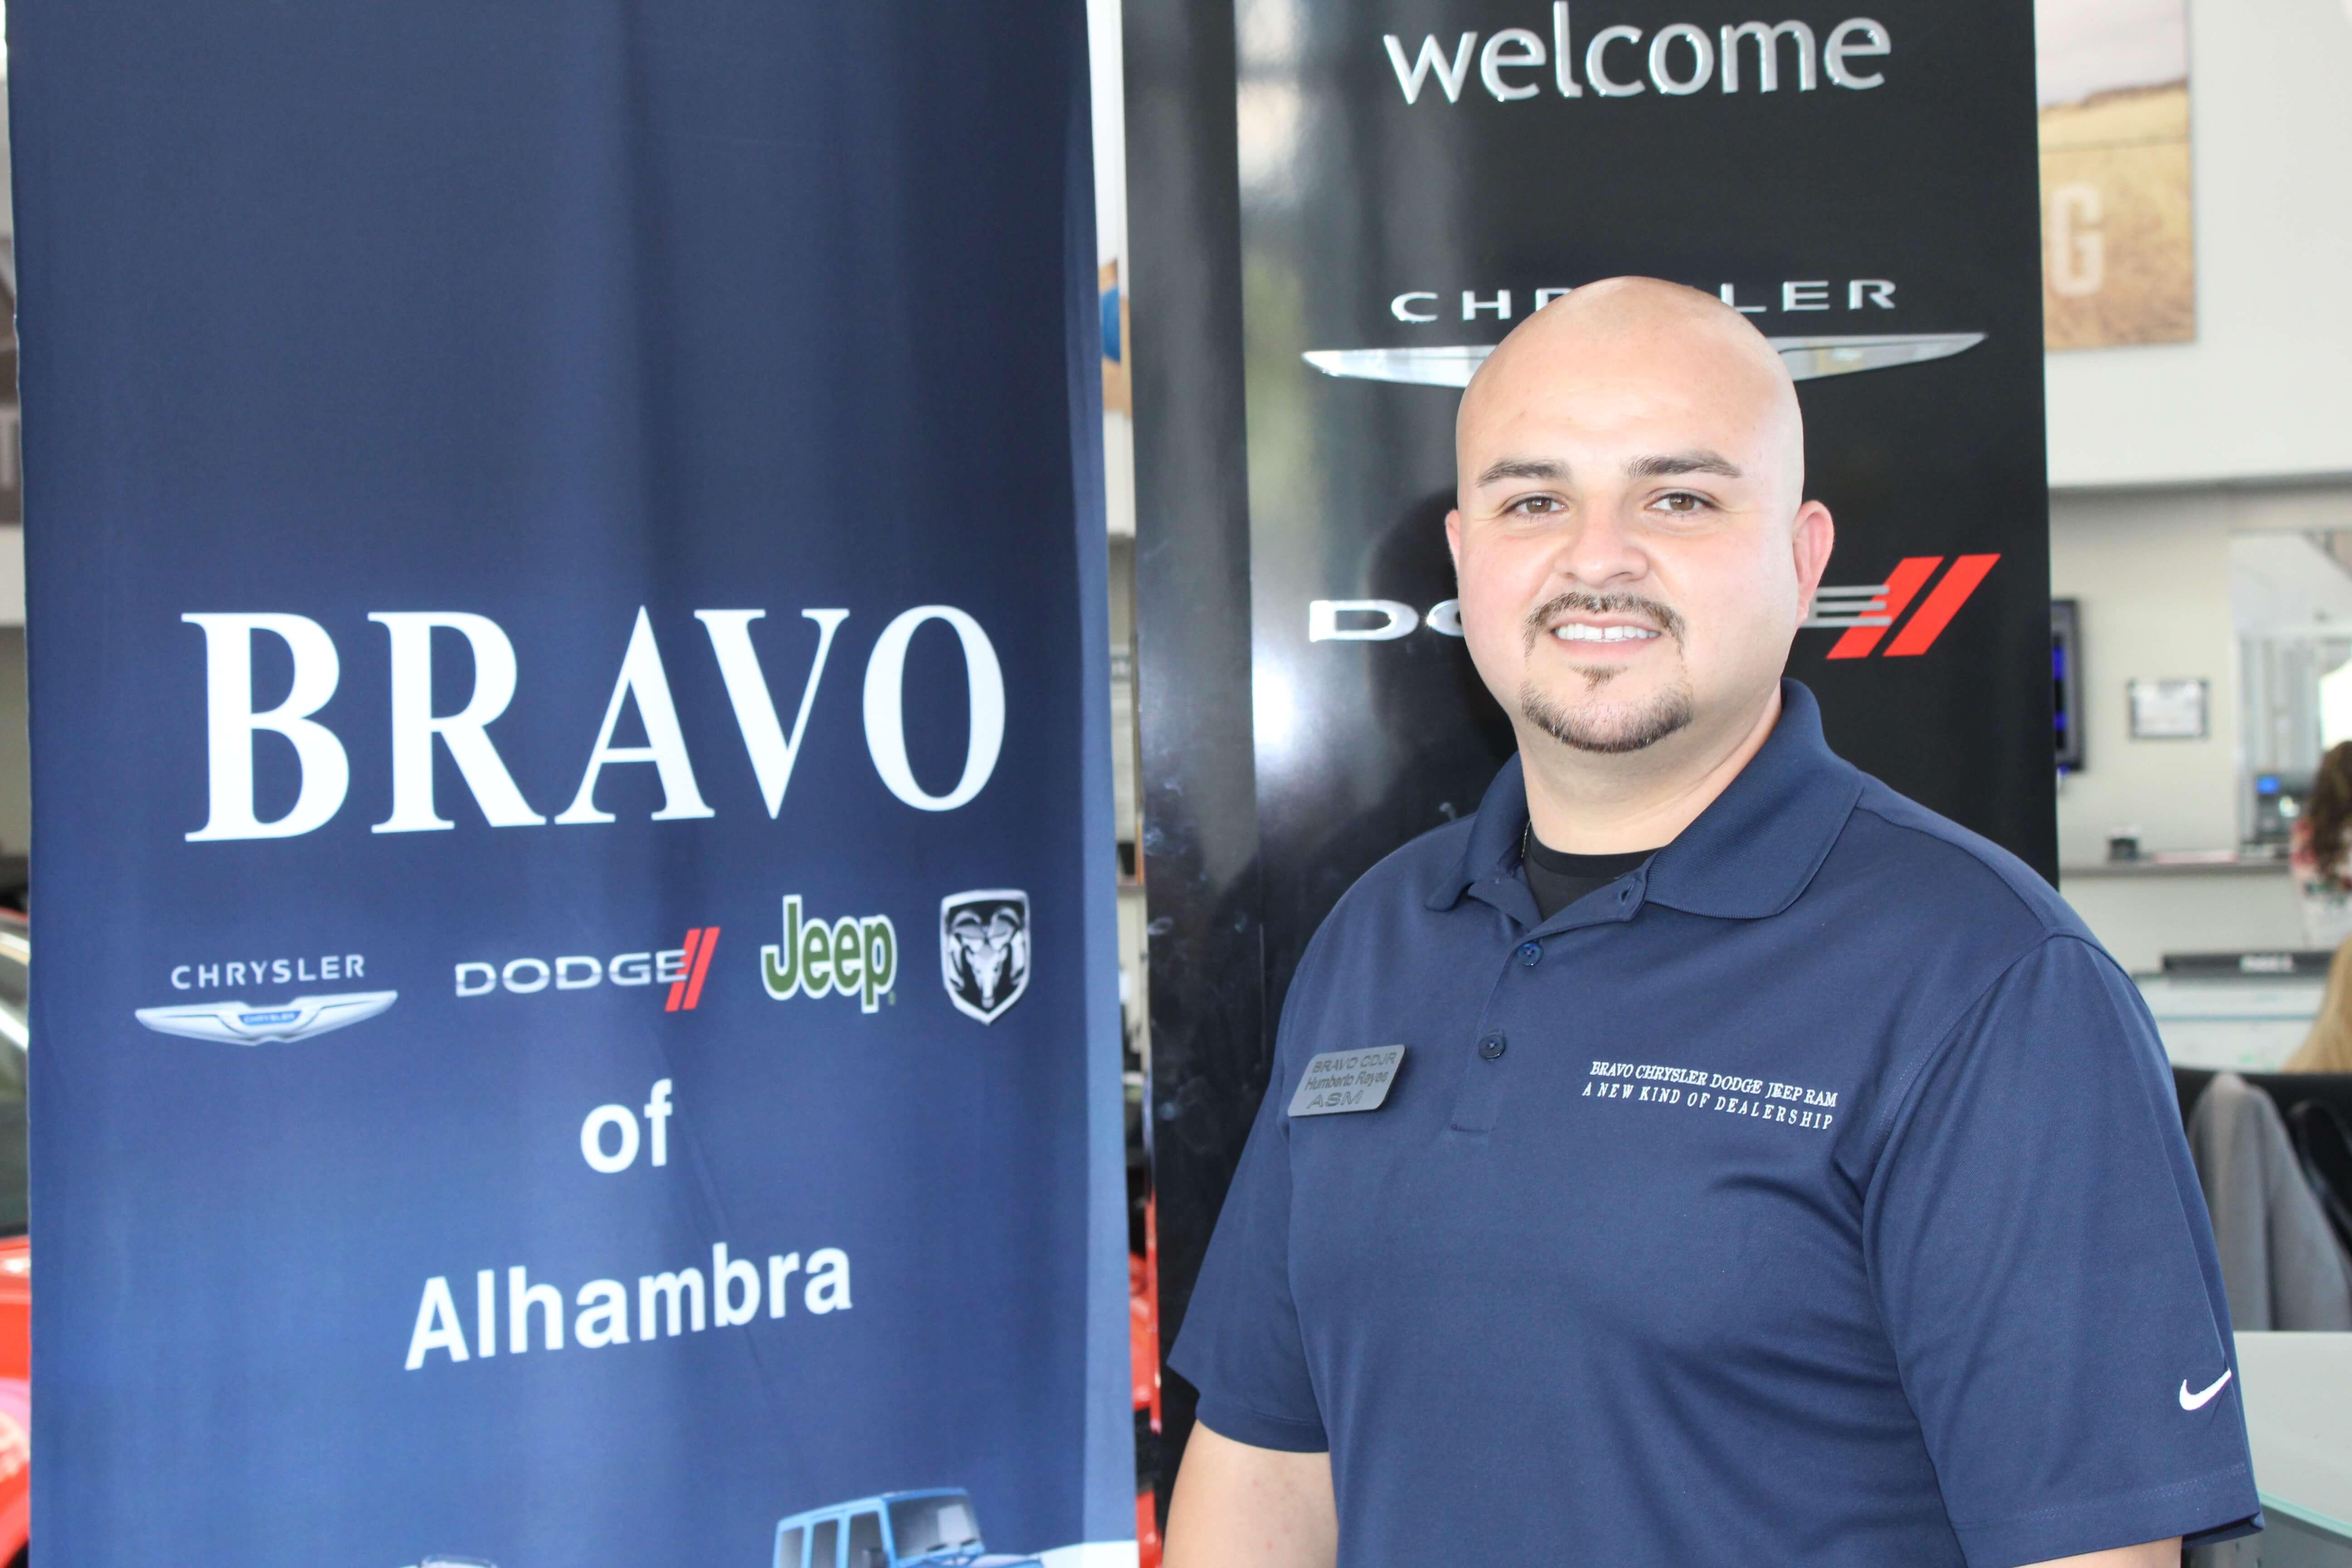 Humberto Reyes